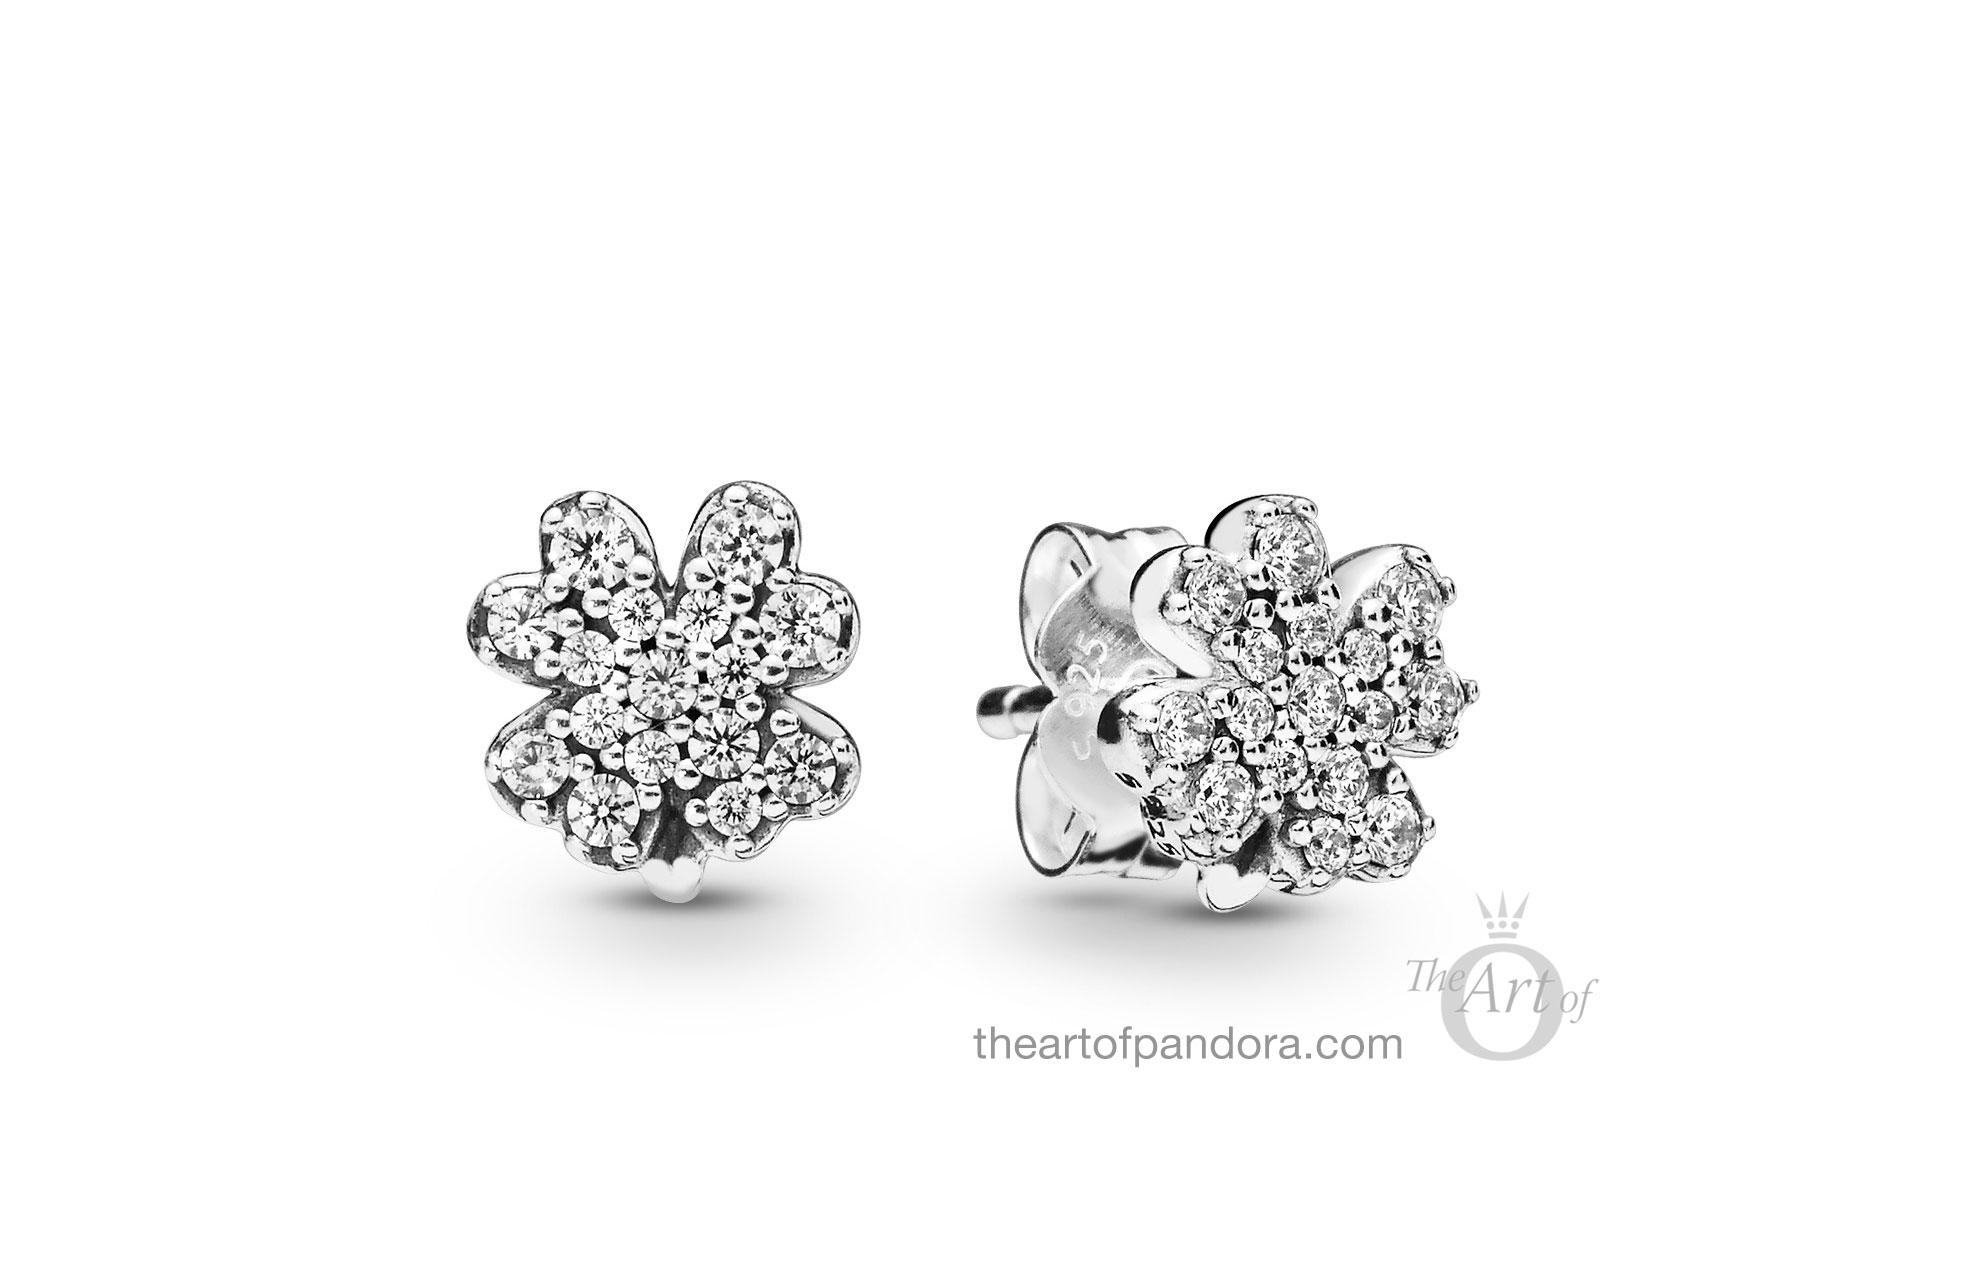 297944cz Pandora Lucky Four Leaf C Stud Earrings